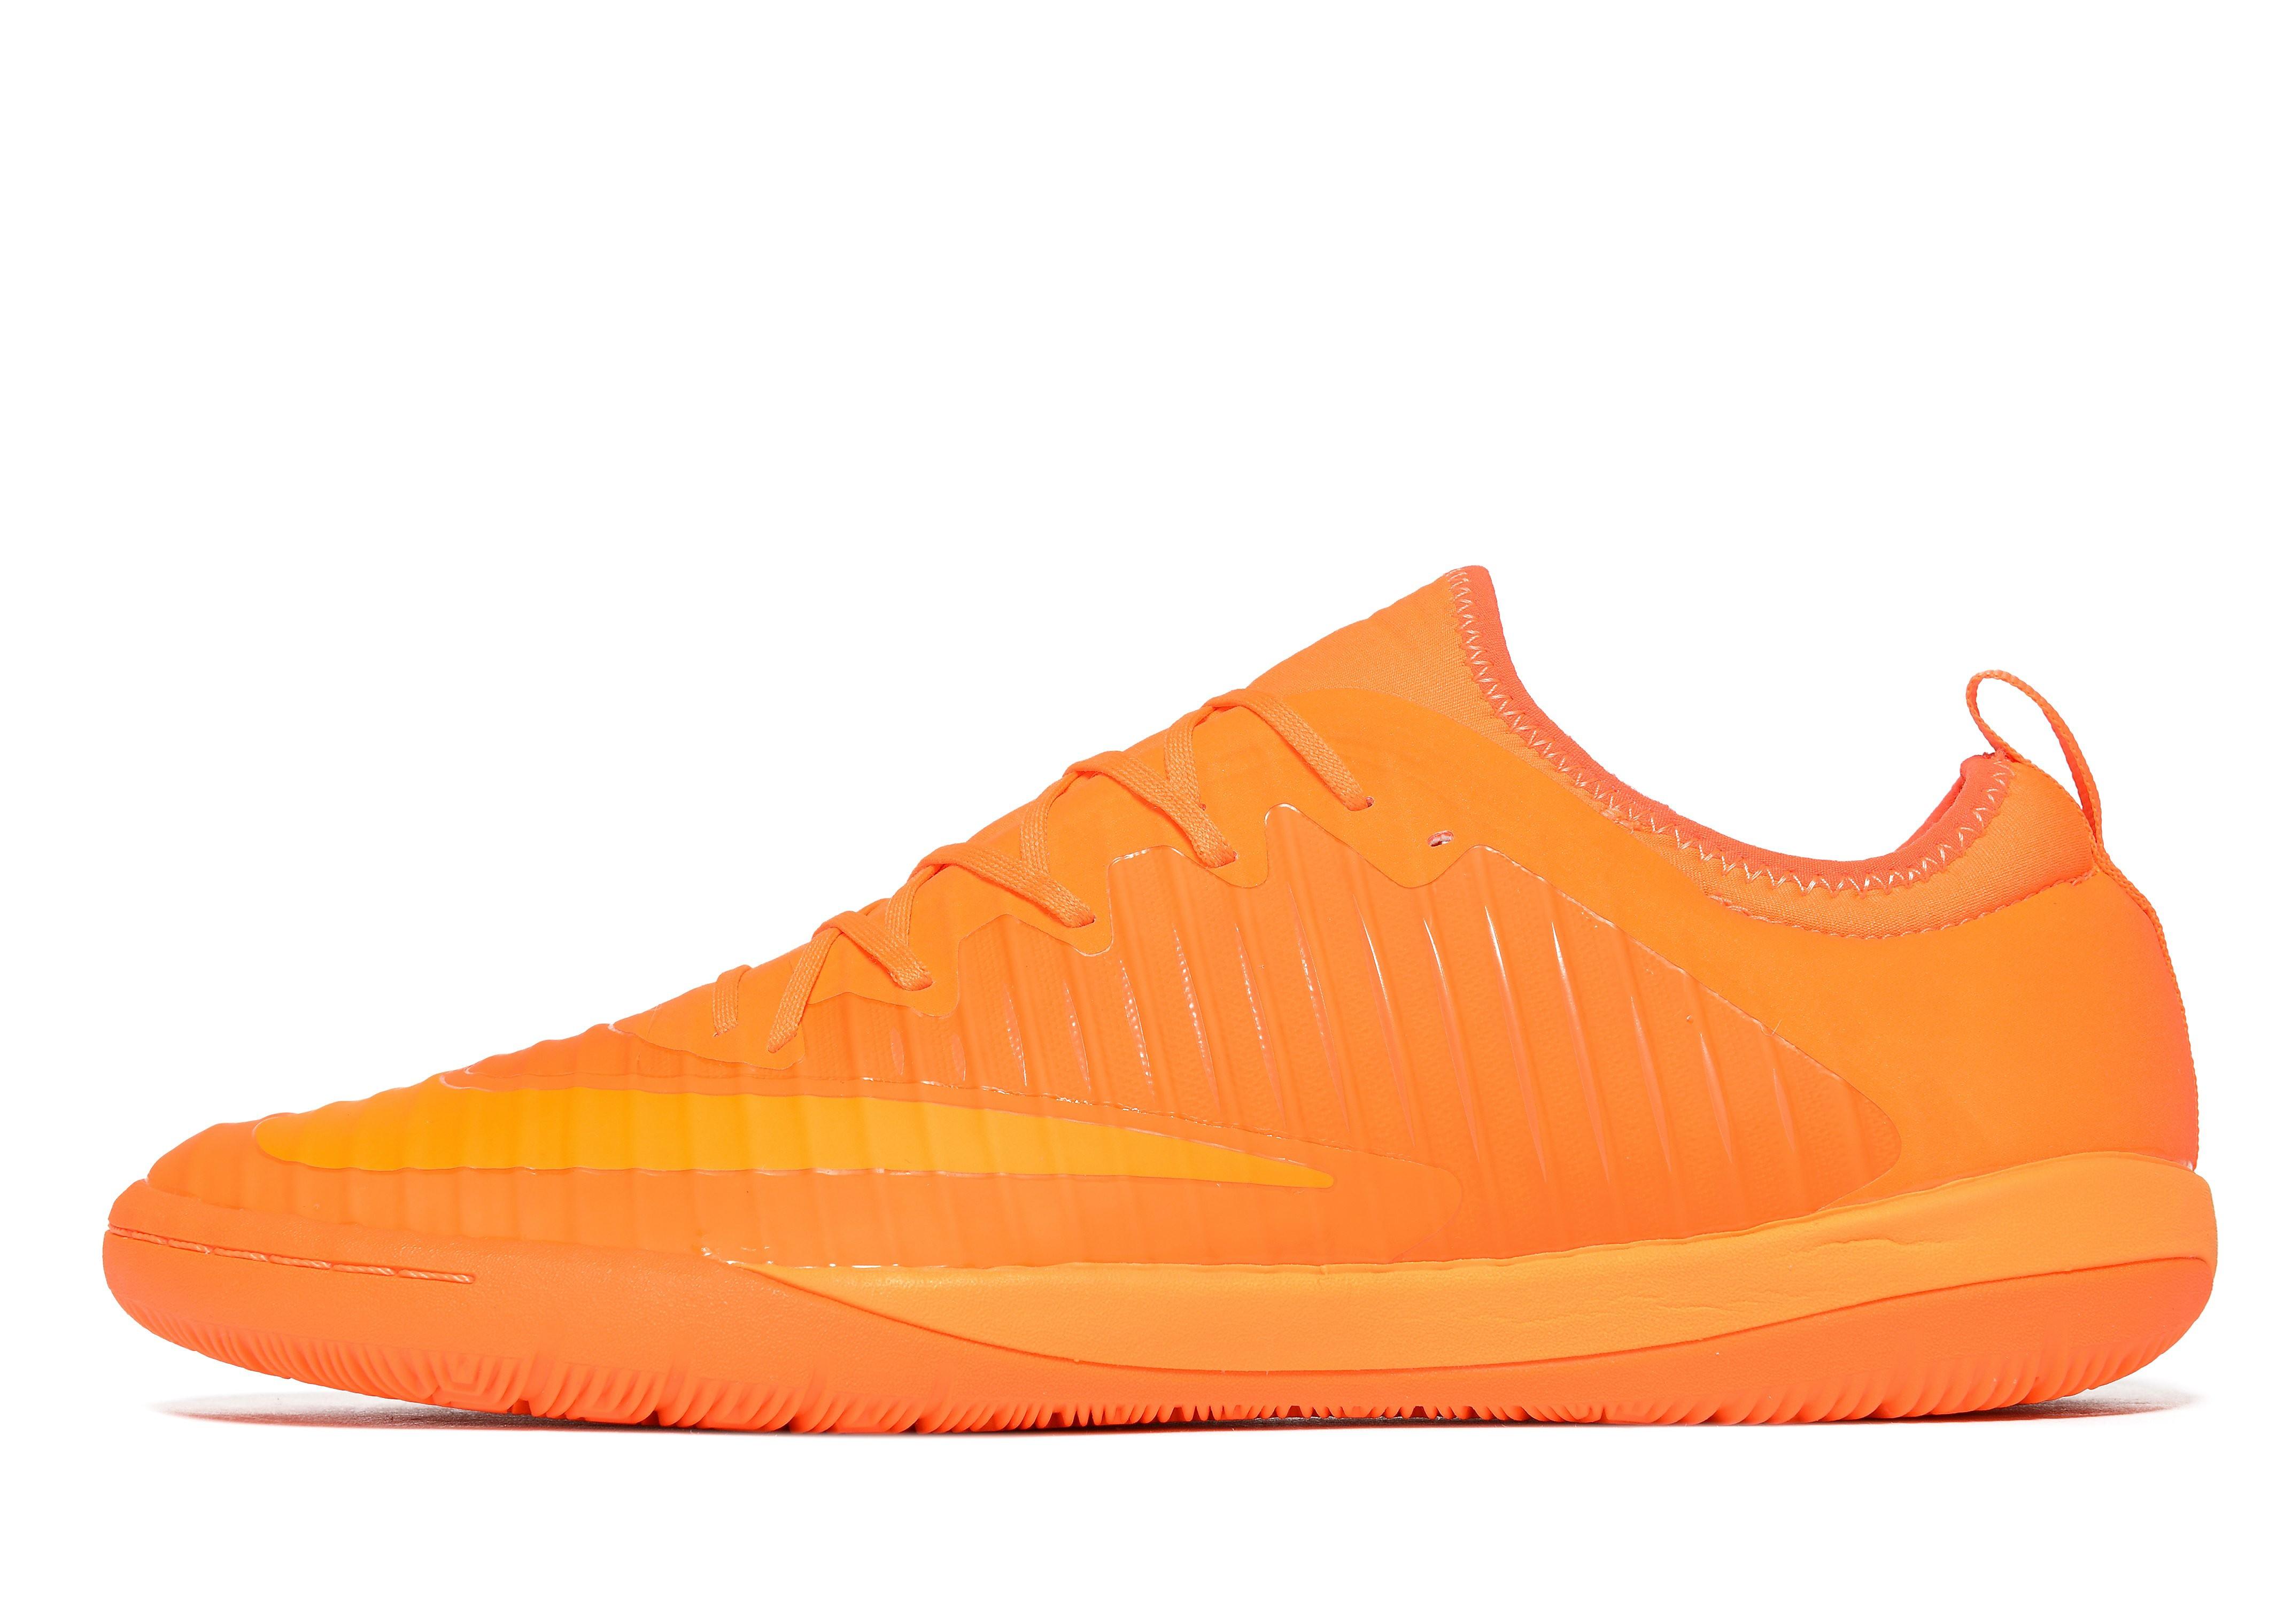 Nike Mercurial X Finale II IC